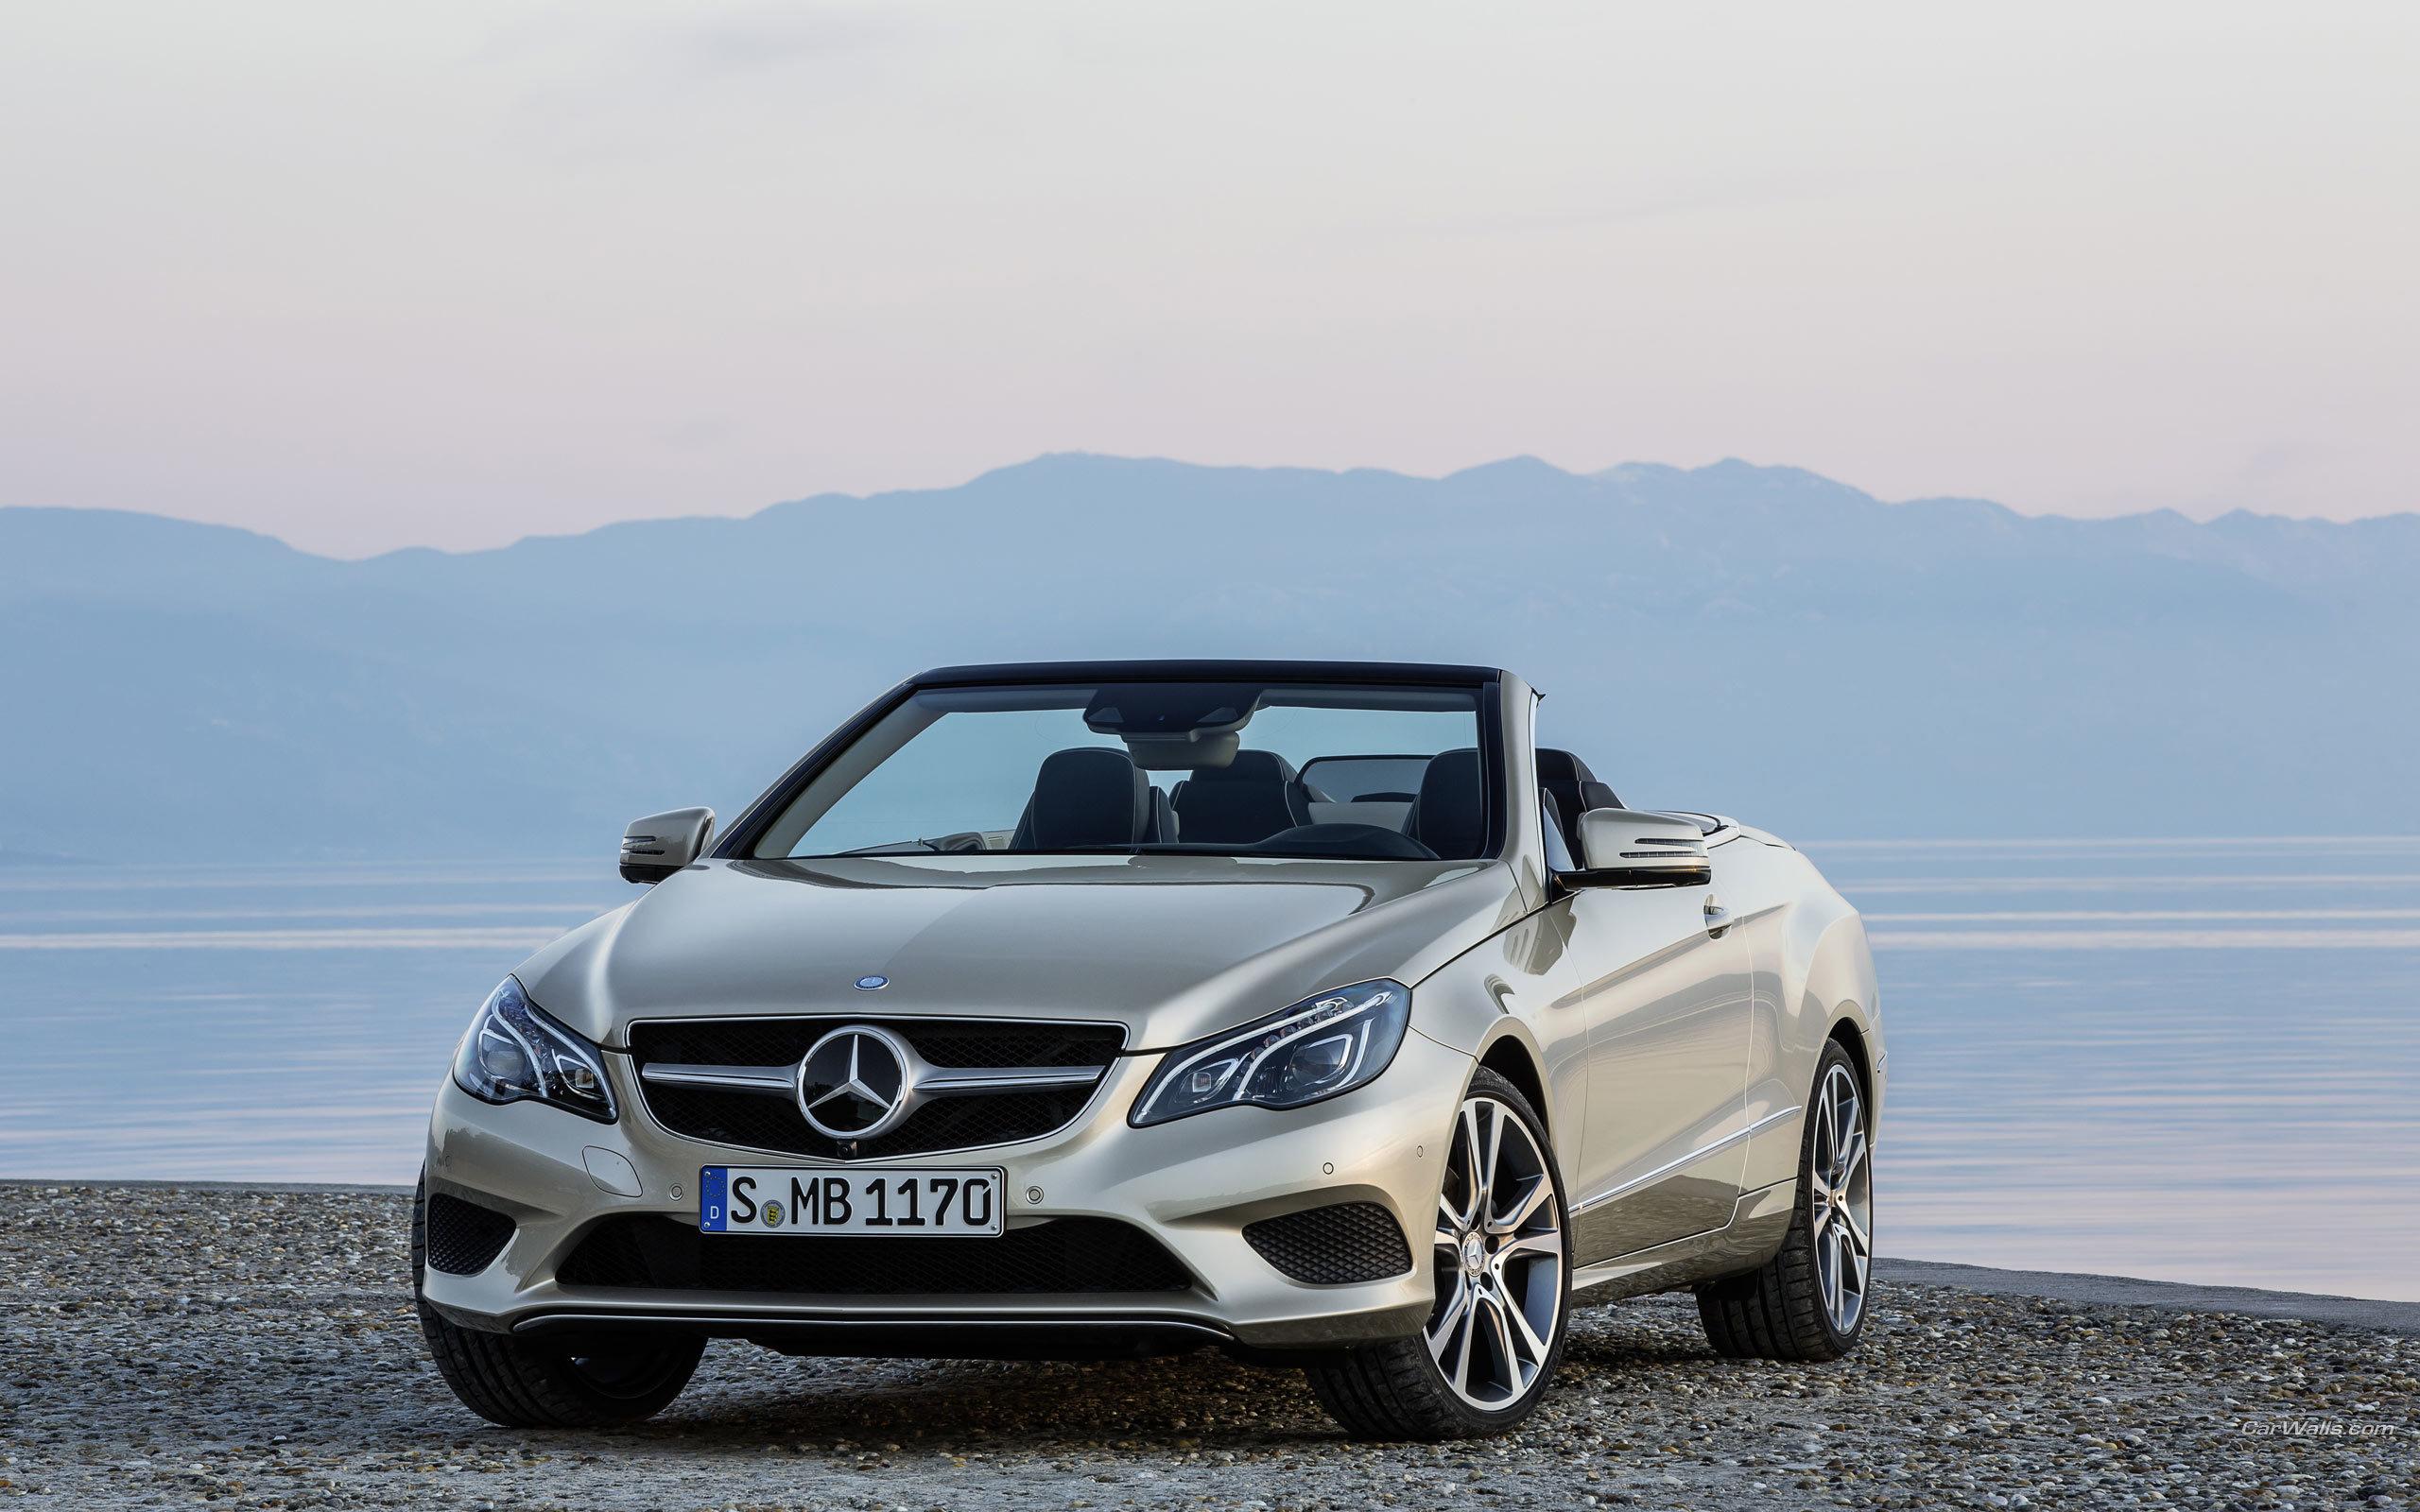 43905 скачать обои Транспорт, Машины, Мерседес (Mercedes) - заставки и картинки бесплатно